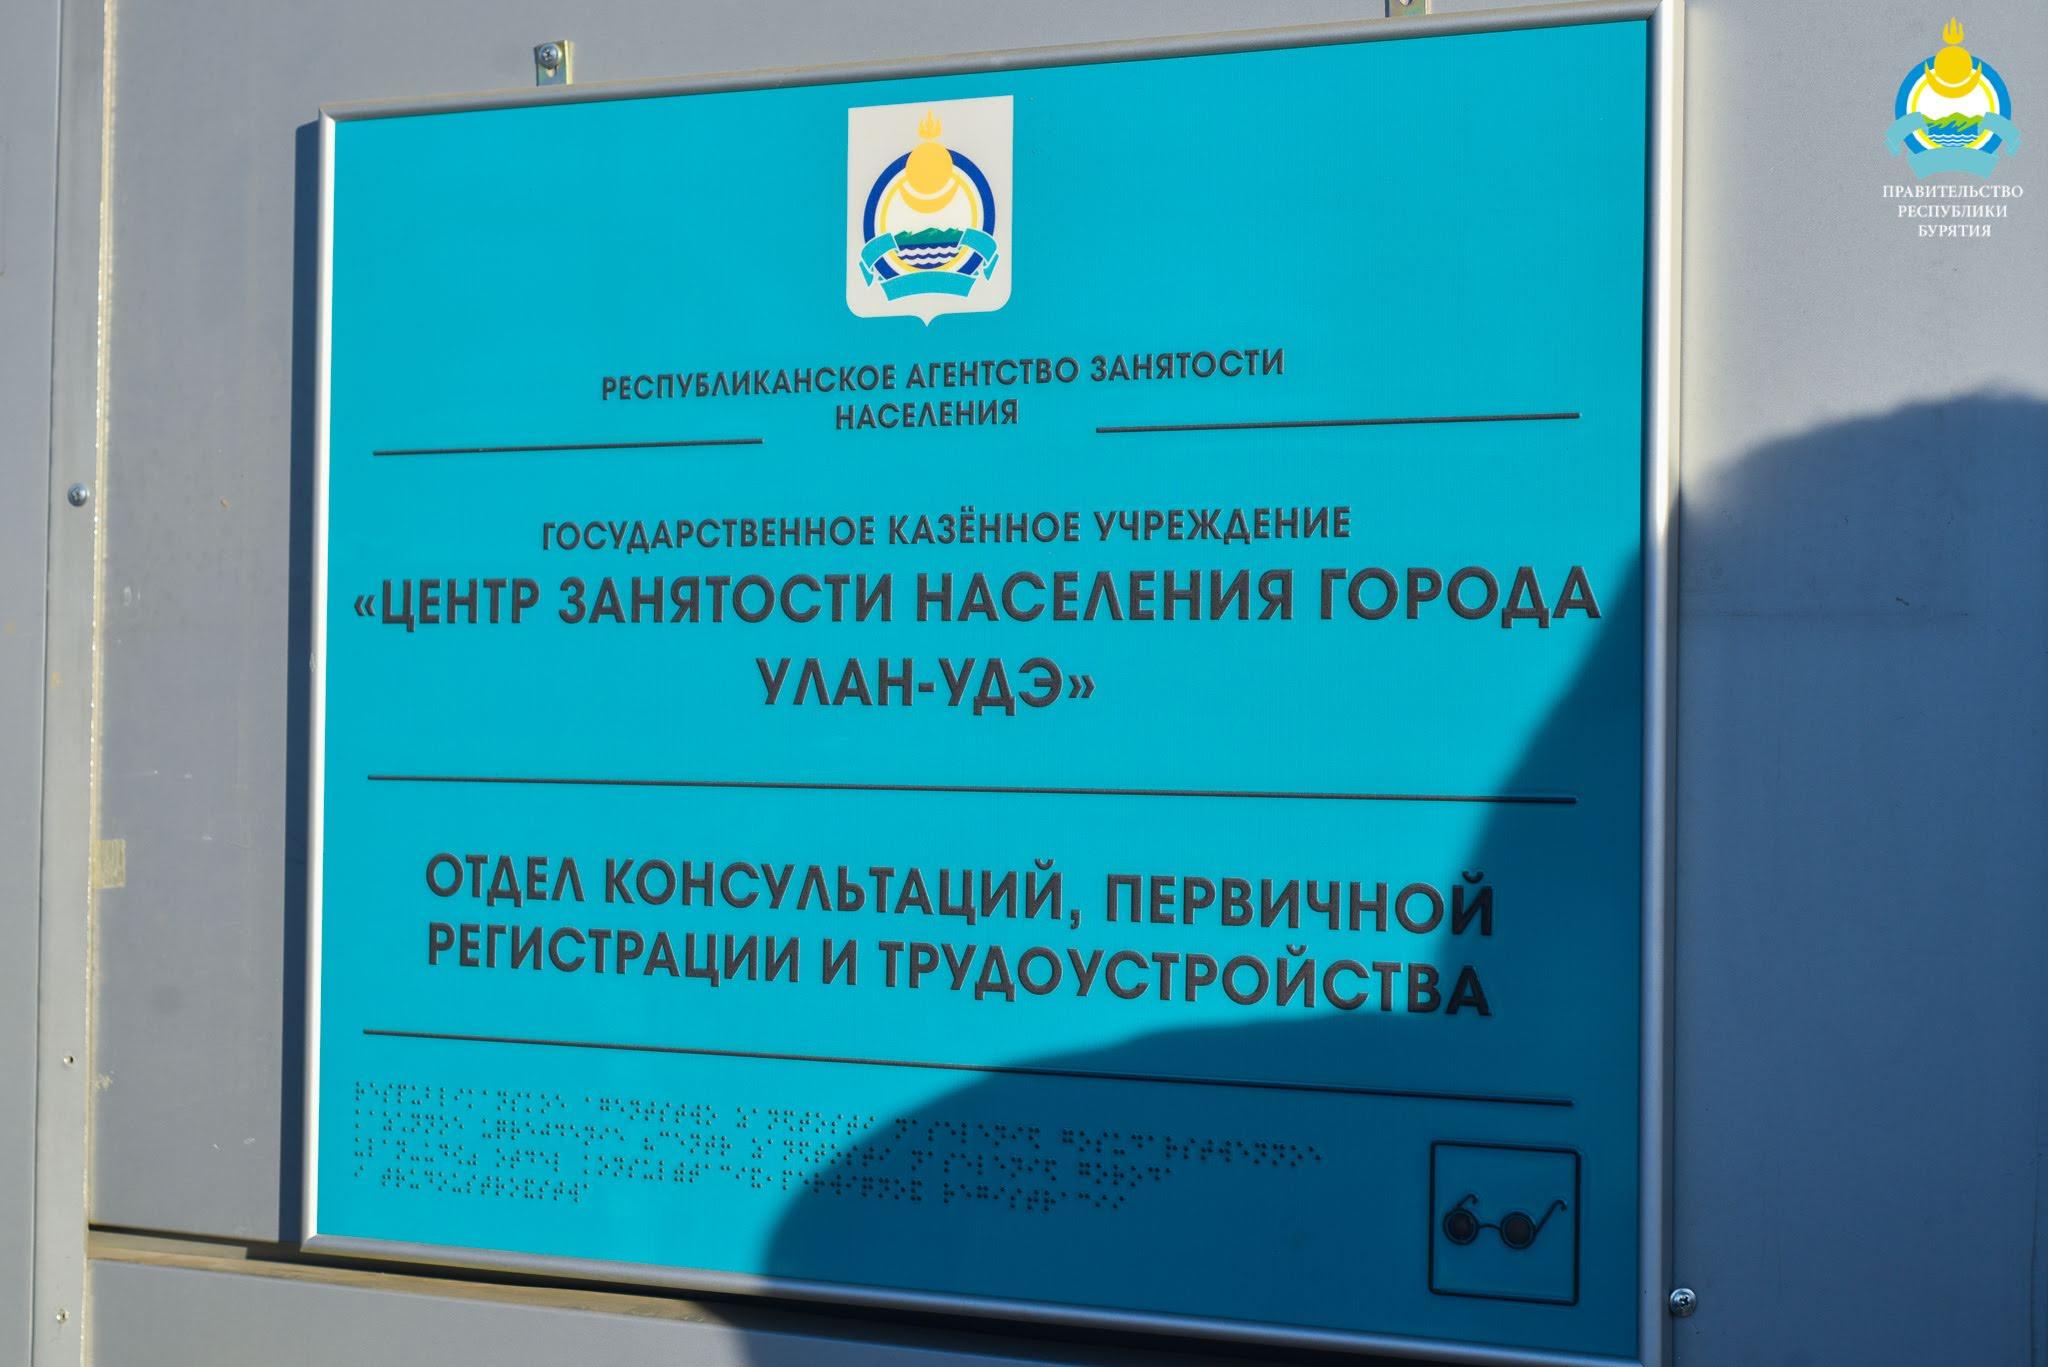 В Бурятии упростили порядок региcтрации безработных